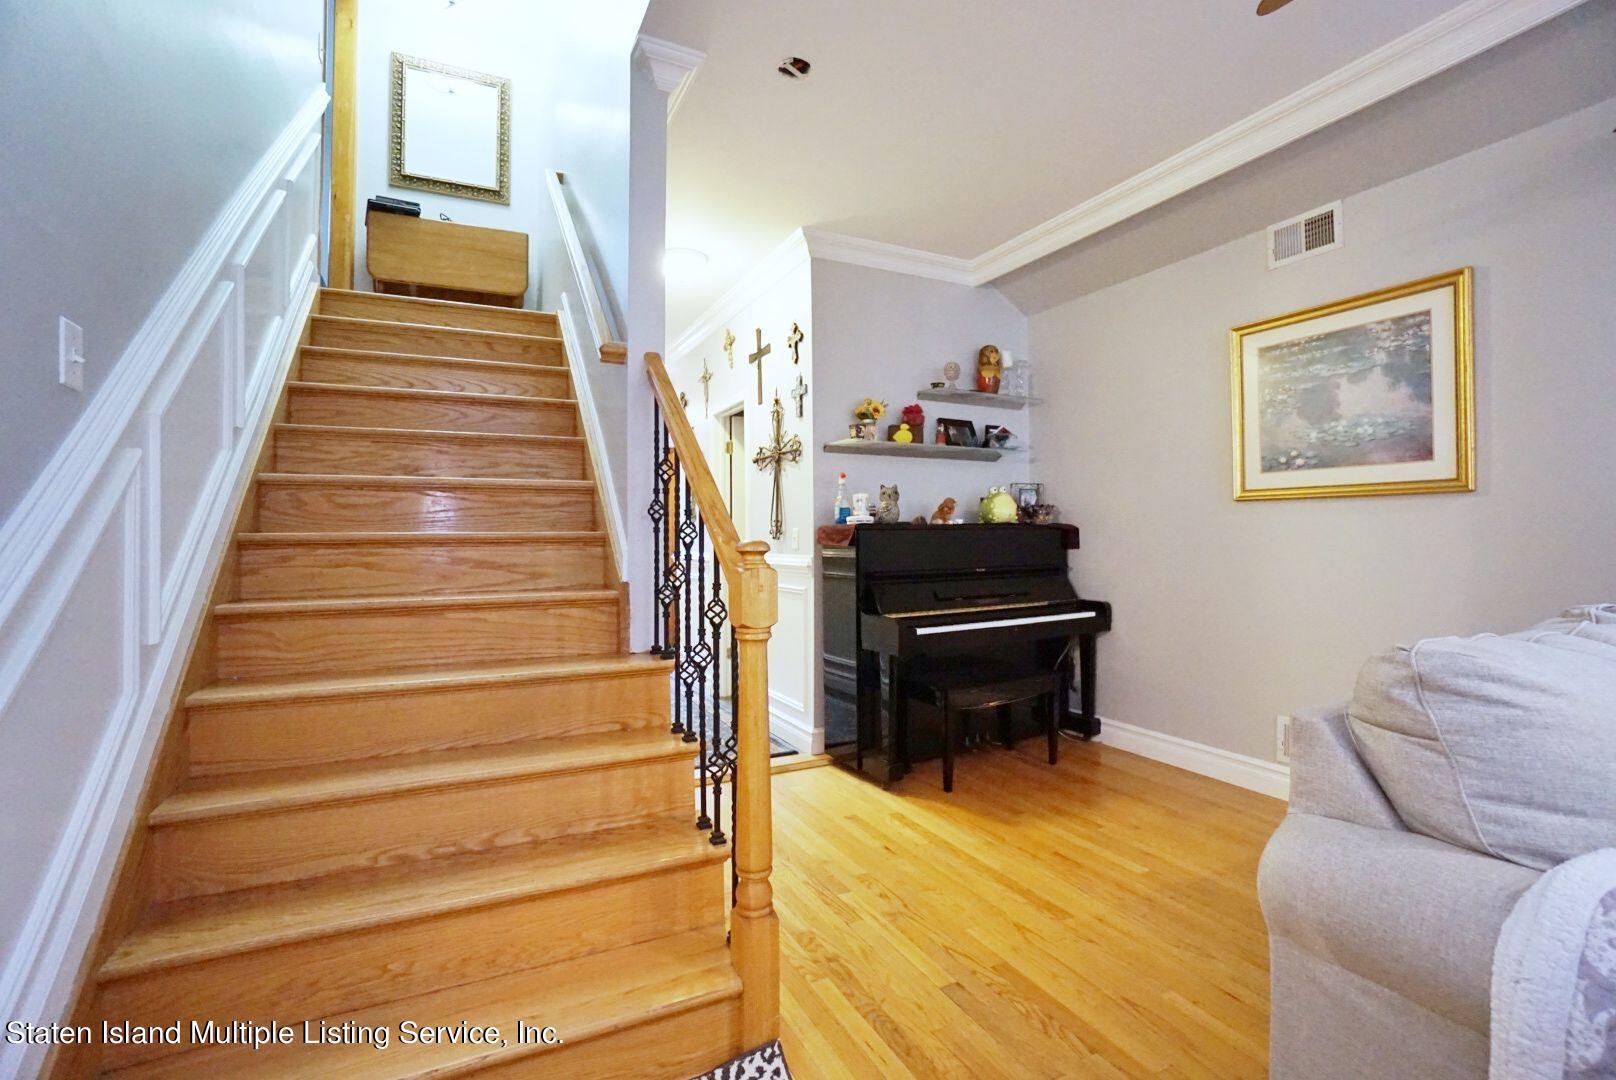 Single Family - Detached 311 Sharrott Avenue  Staten Island, NY 10309, MLS-1146042-10